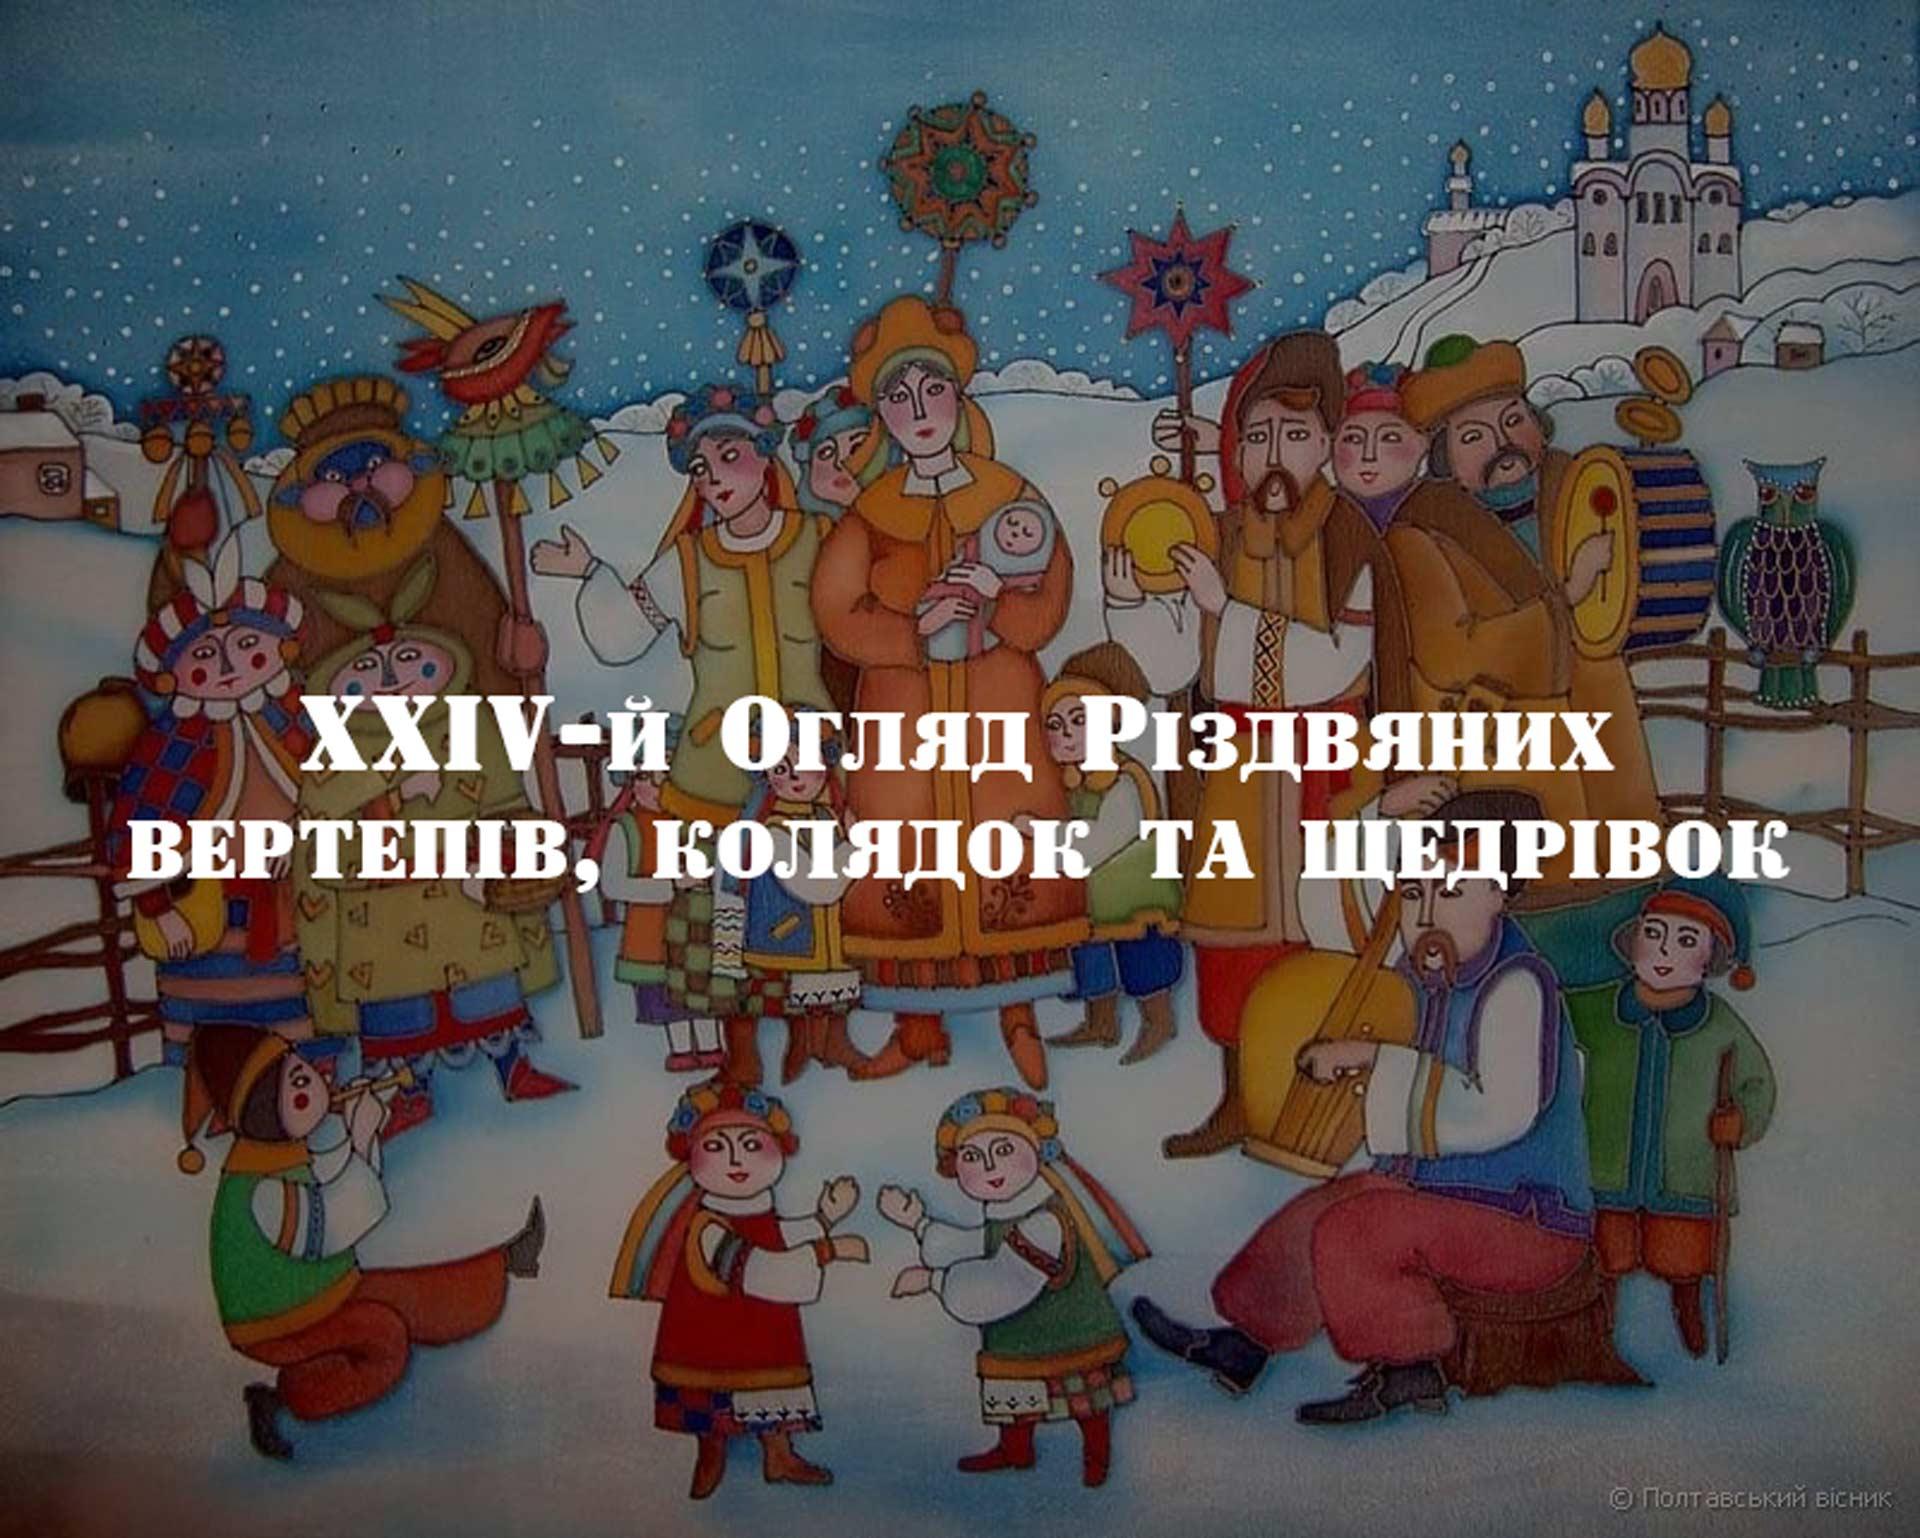 rozpochavsya-pryjom-zayavok-dlya-uchasti-v-konkursi-rizdvyani-vertepy-2020